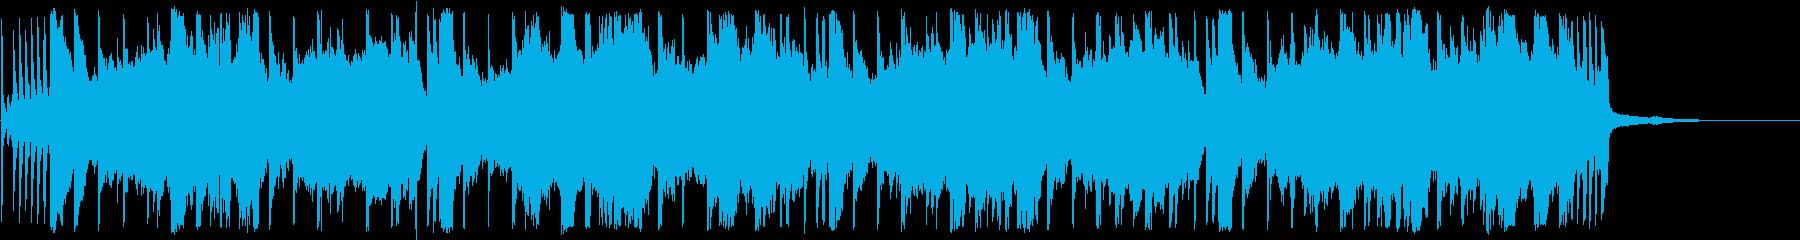 軽快なトランペットのジングルの再生済みの波形